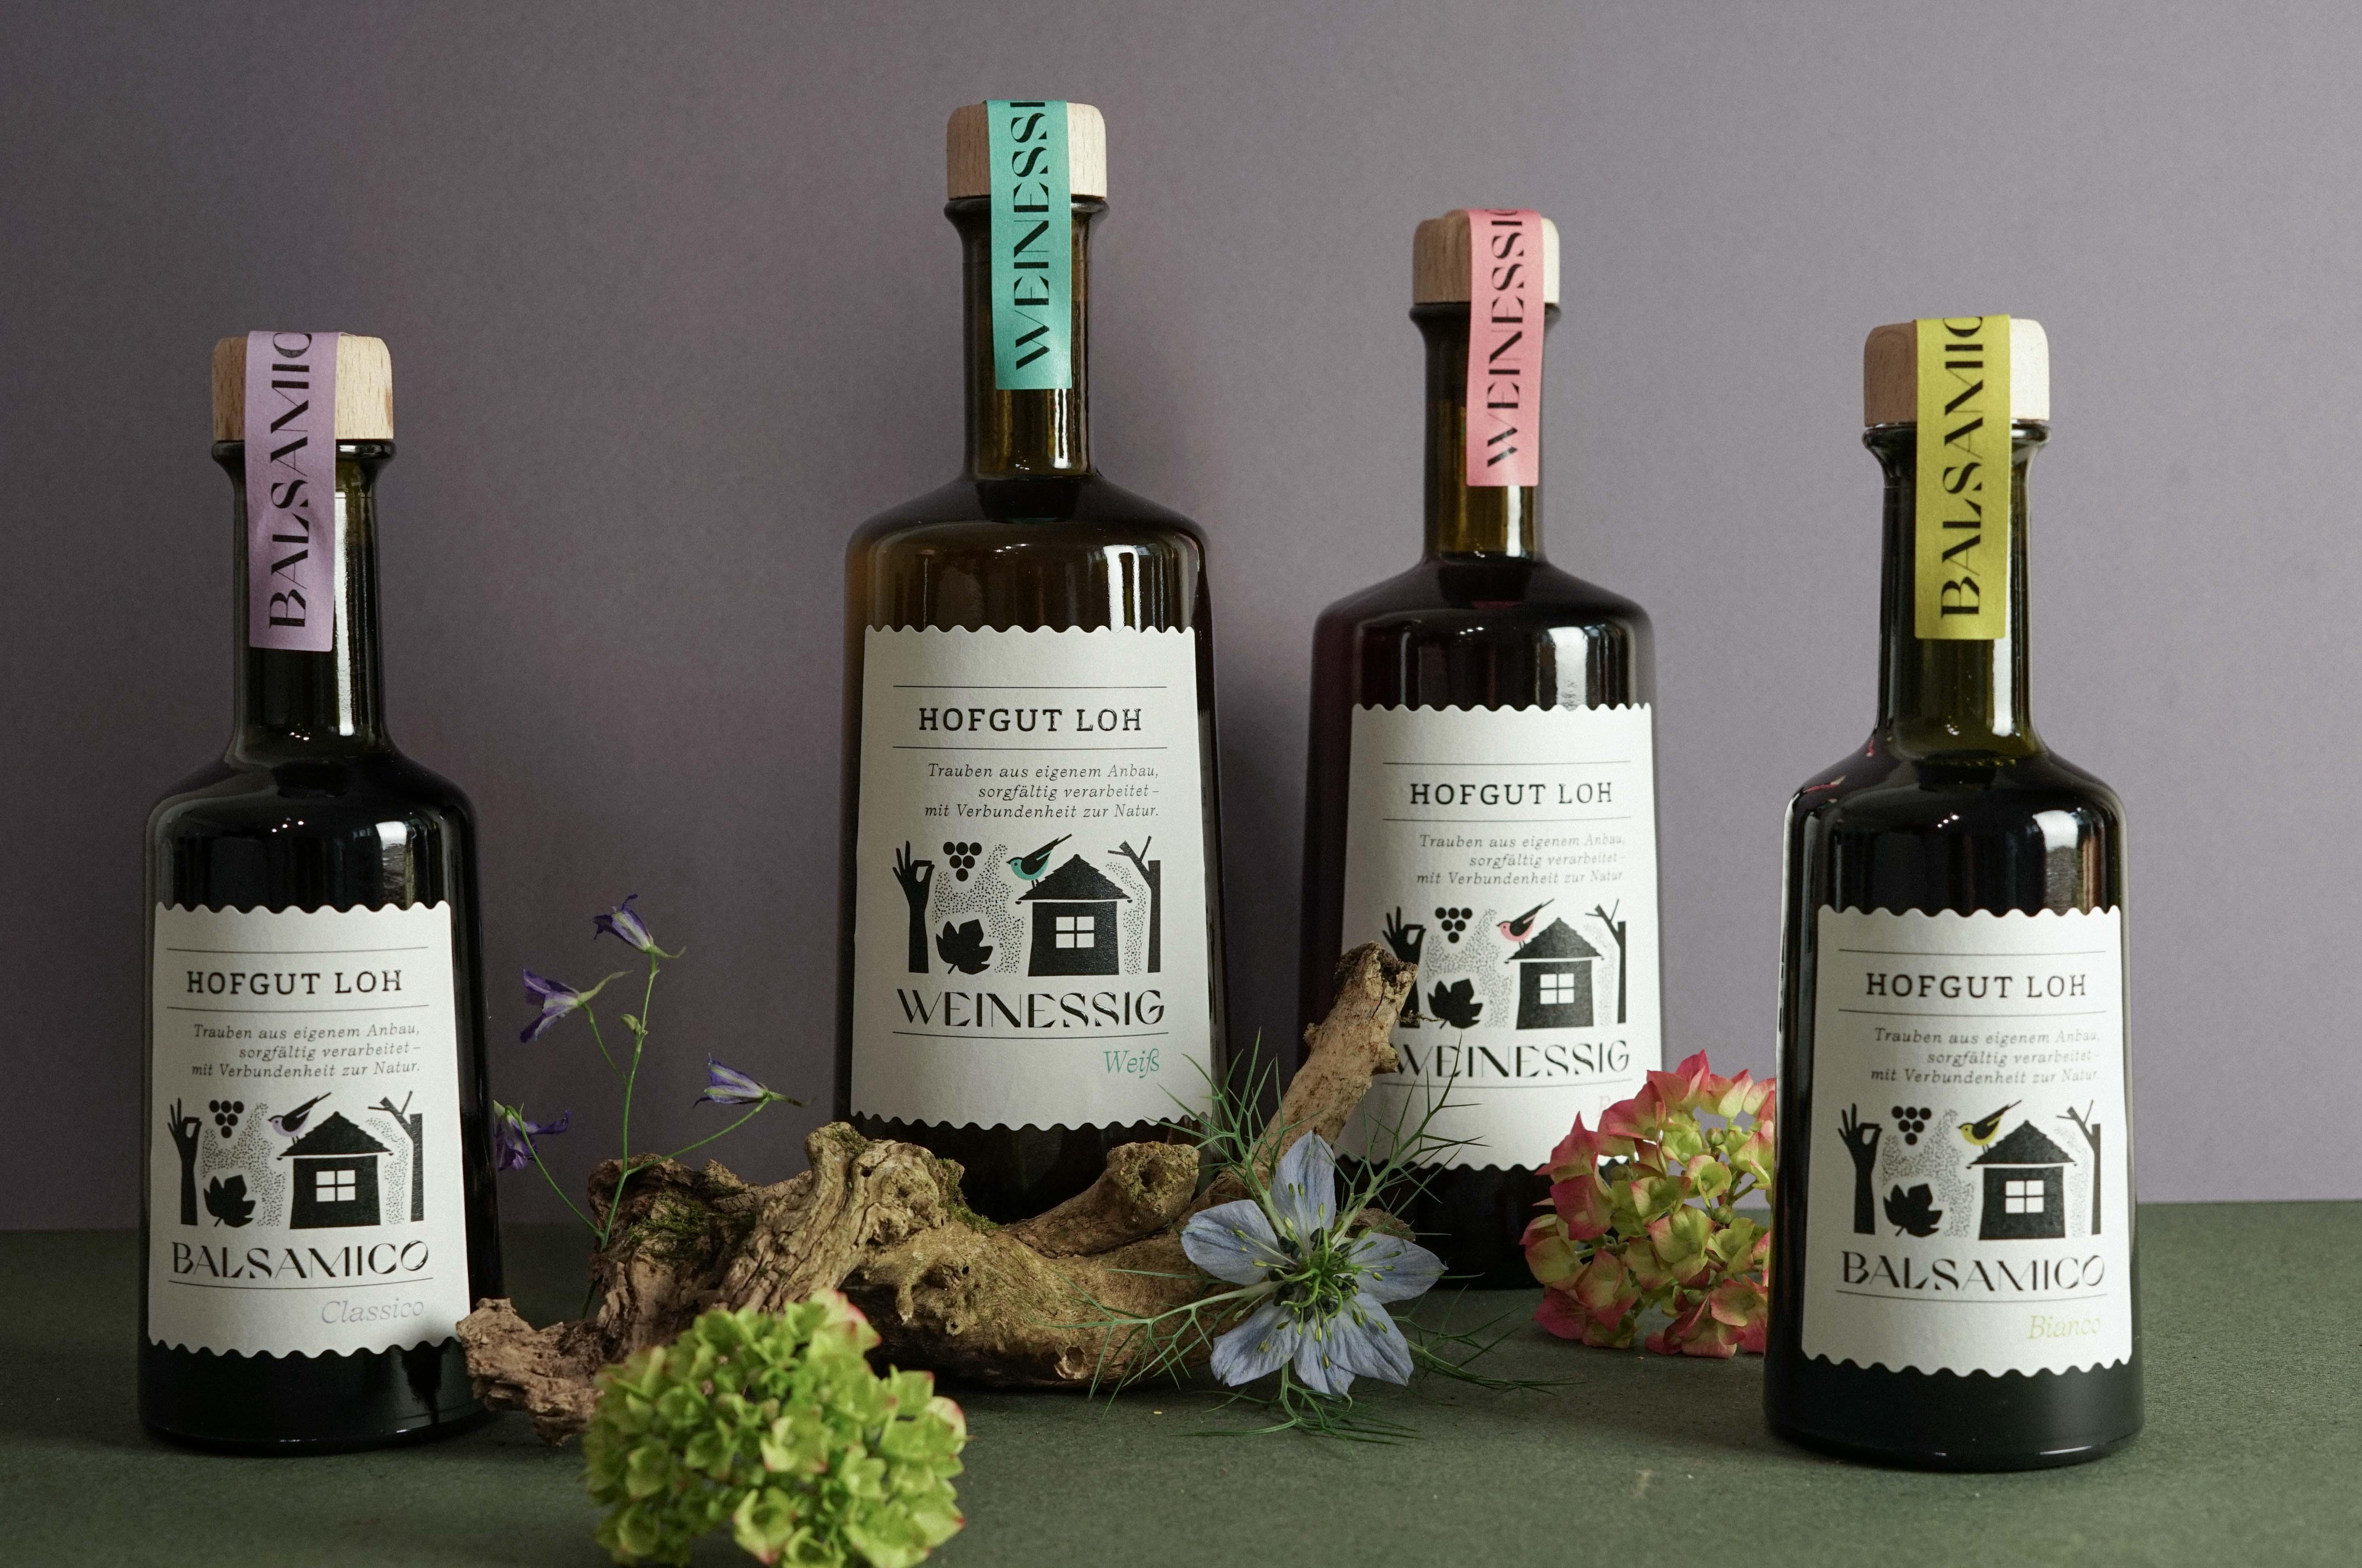 New Vinegar and Balsamic Packaging Design for Hofgut Loh by Johanna Krumbügel